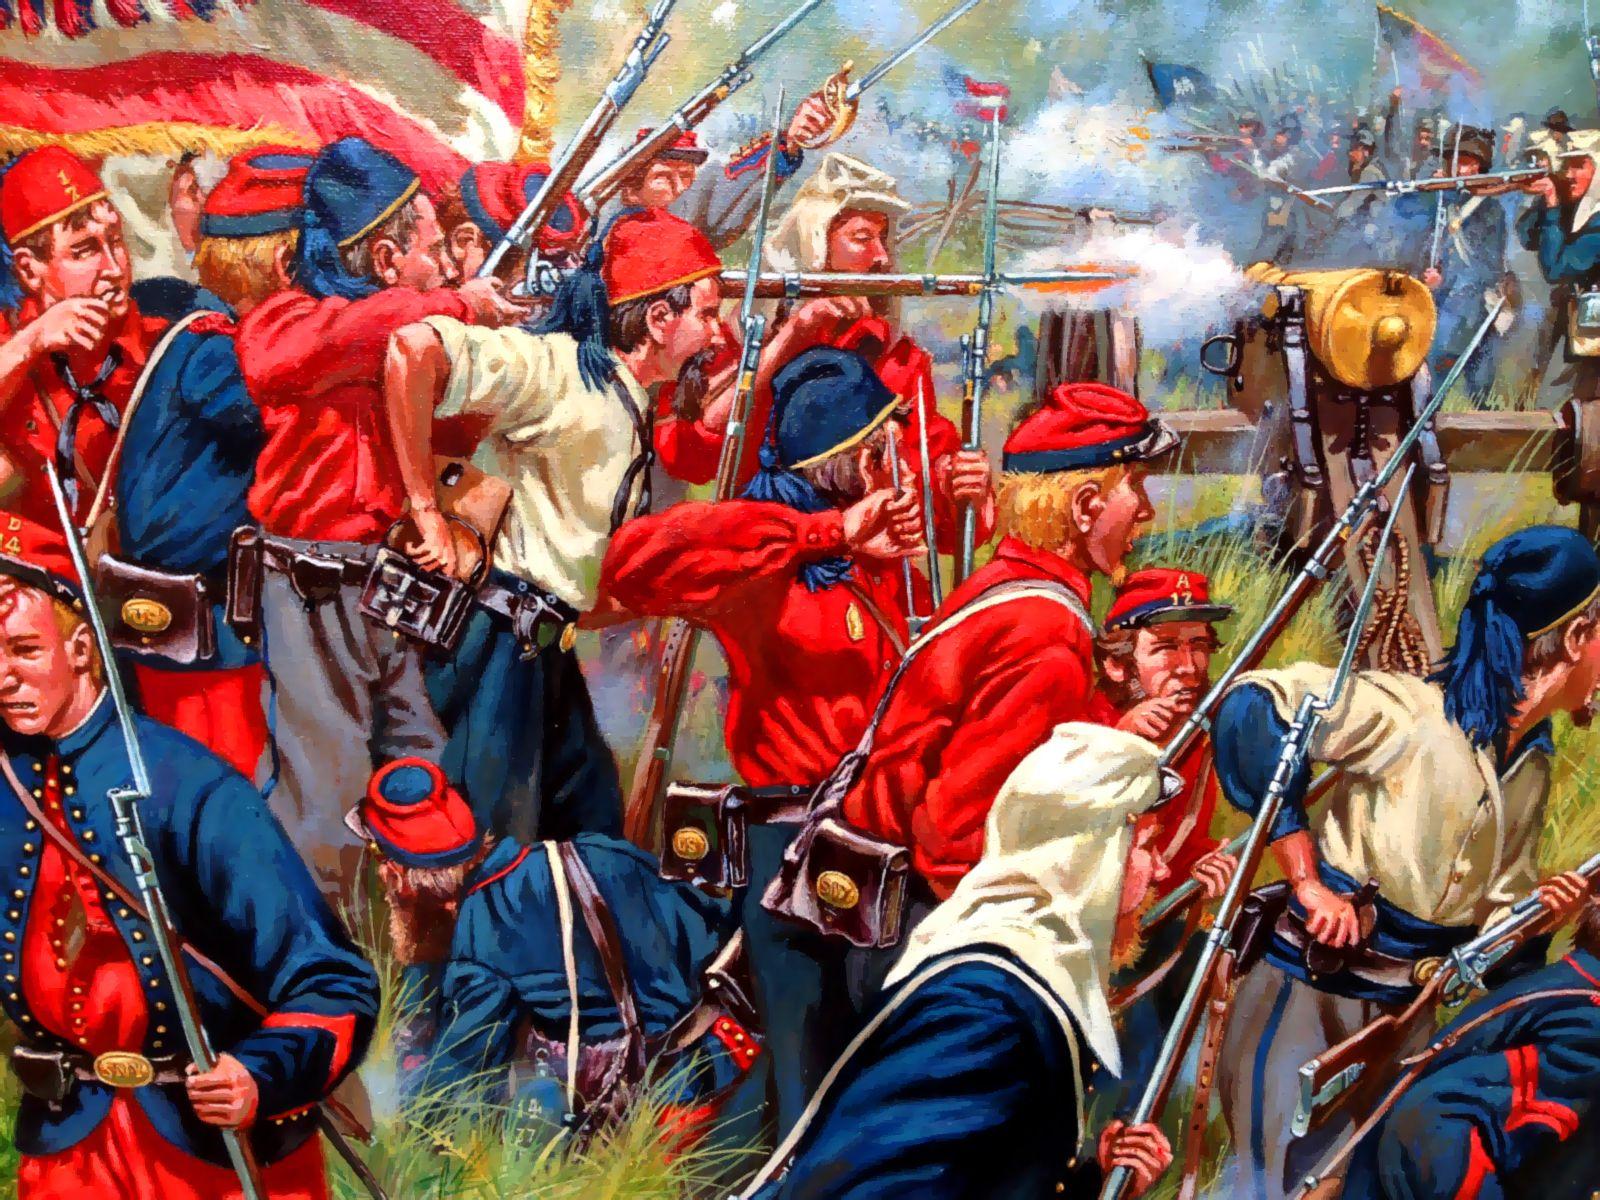 722 best images about Civil War Paintings on Pinterest |American Civil War Battle Paintings